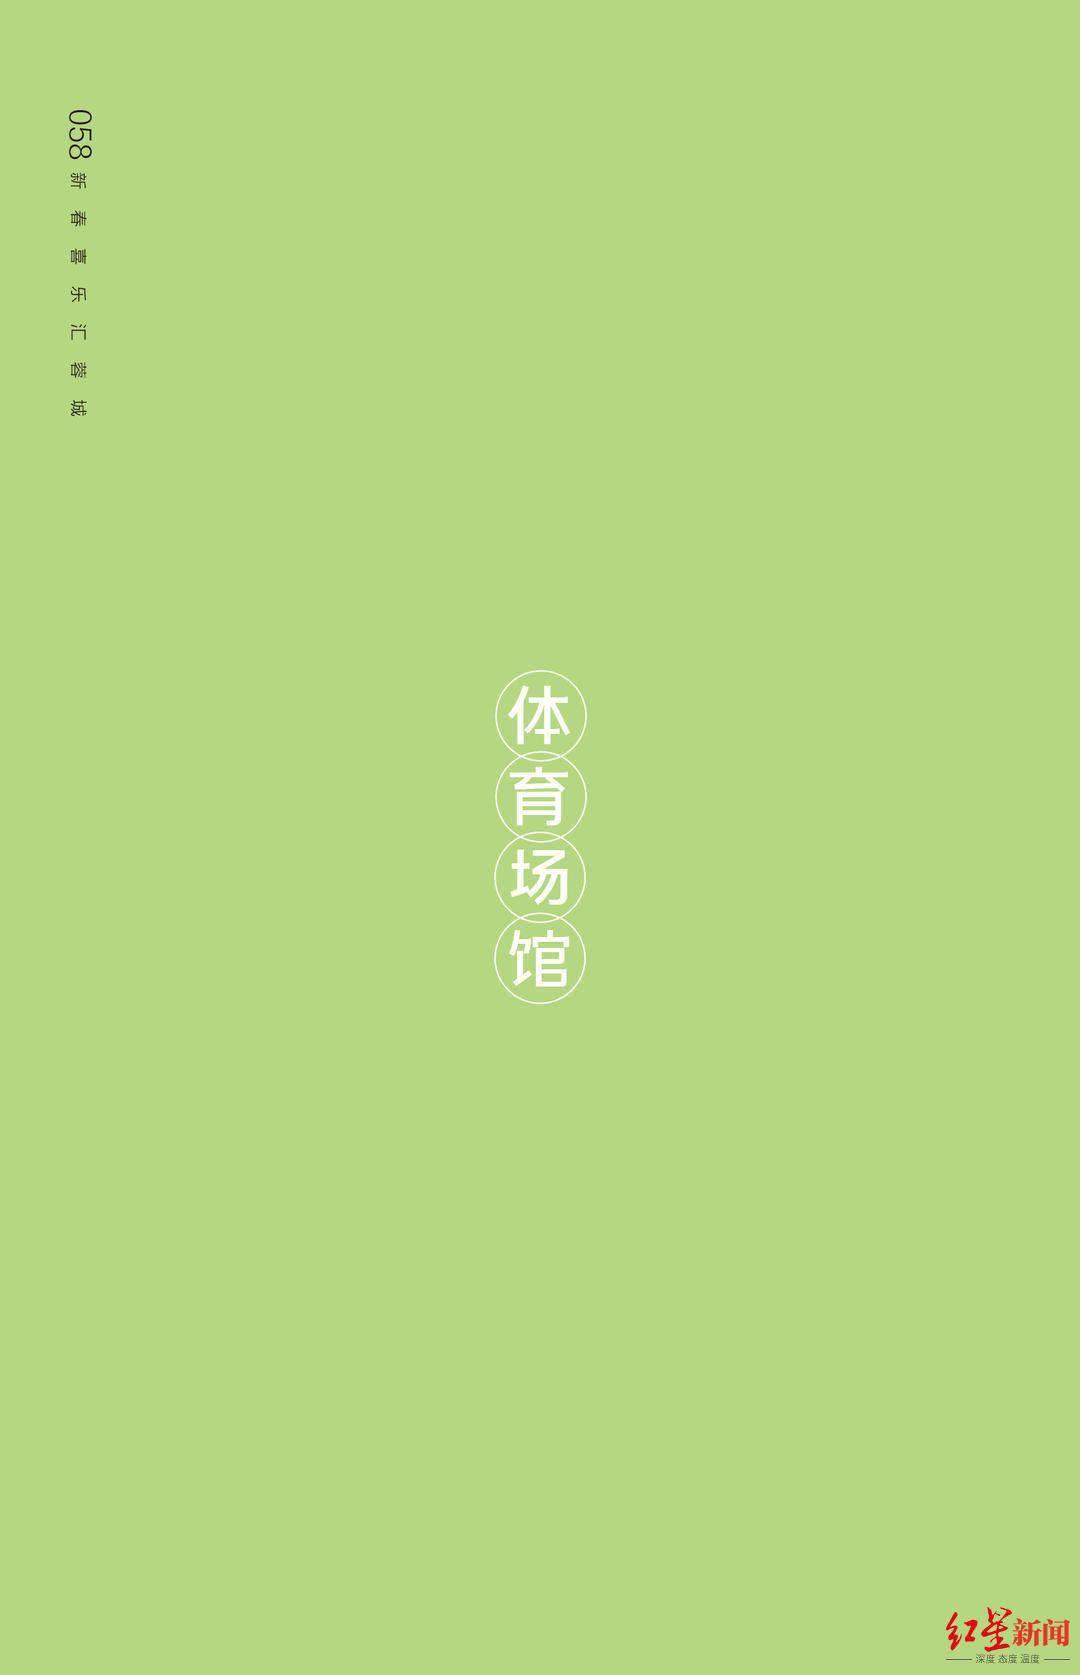 """""""在蓉过年,科学健身"""" 成都春节期间部分运动场馆开放清单"""